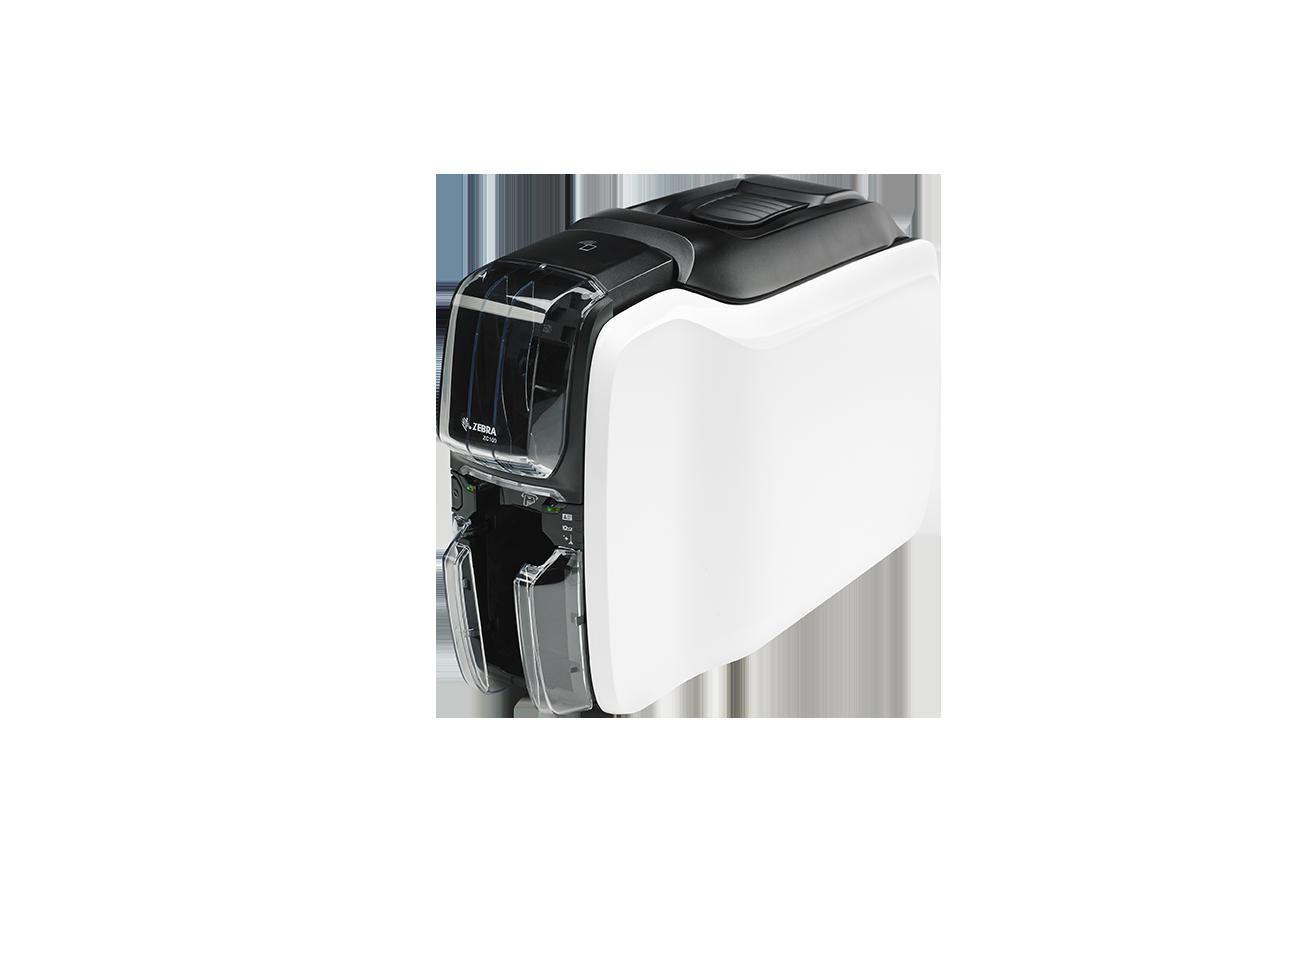 Zebra - tiskárna karet - Printer ZC100, Single Sided, USB & LAN - ZC11-000C000EM00